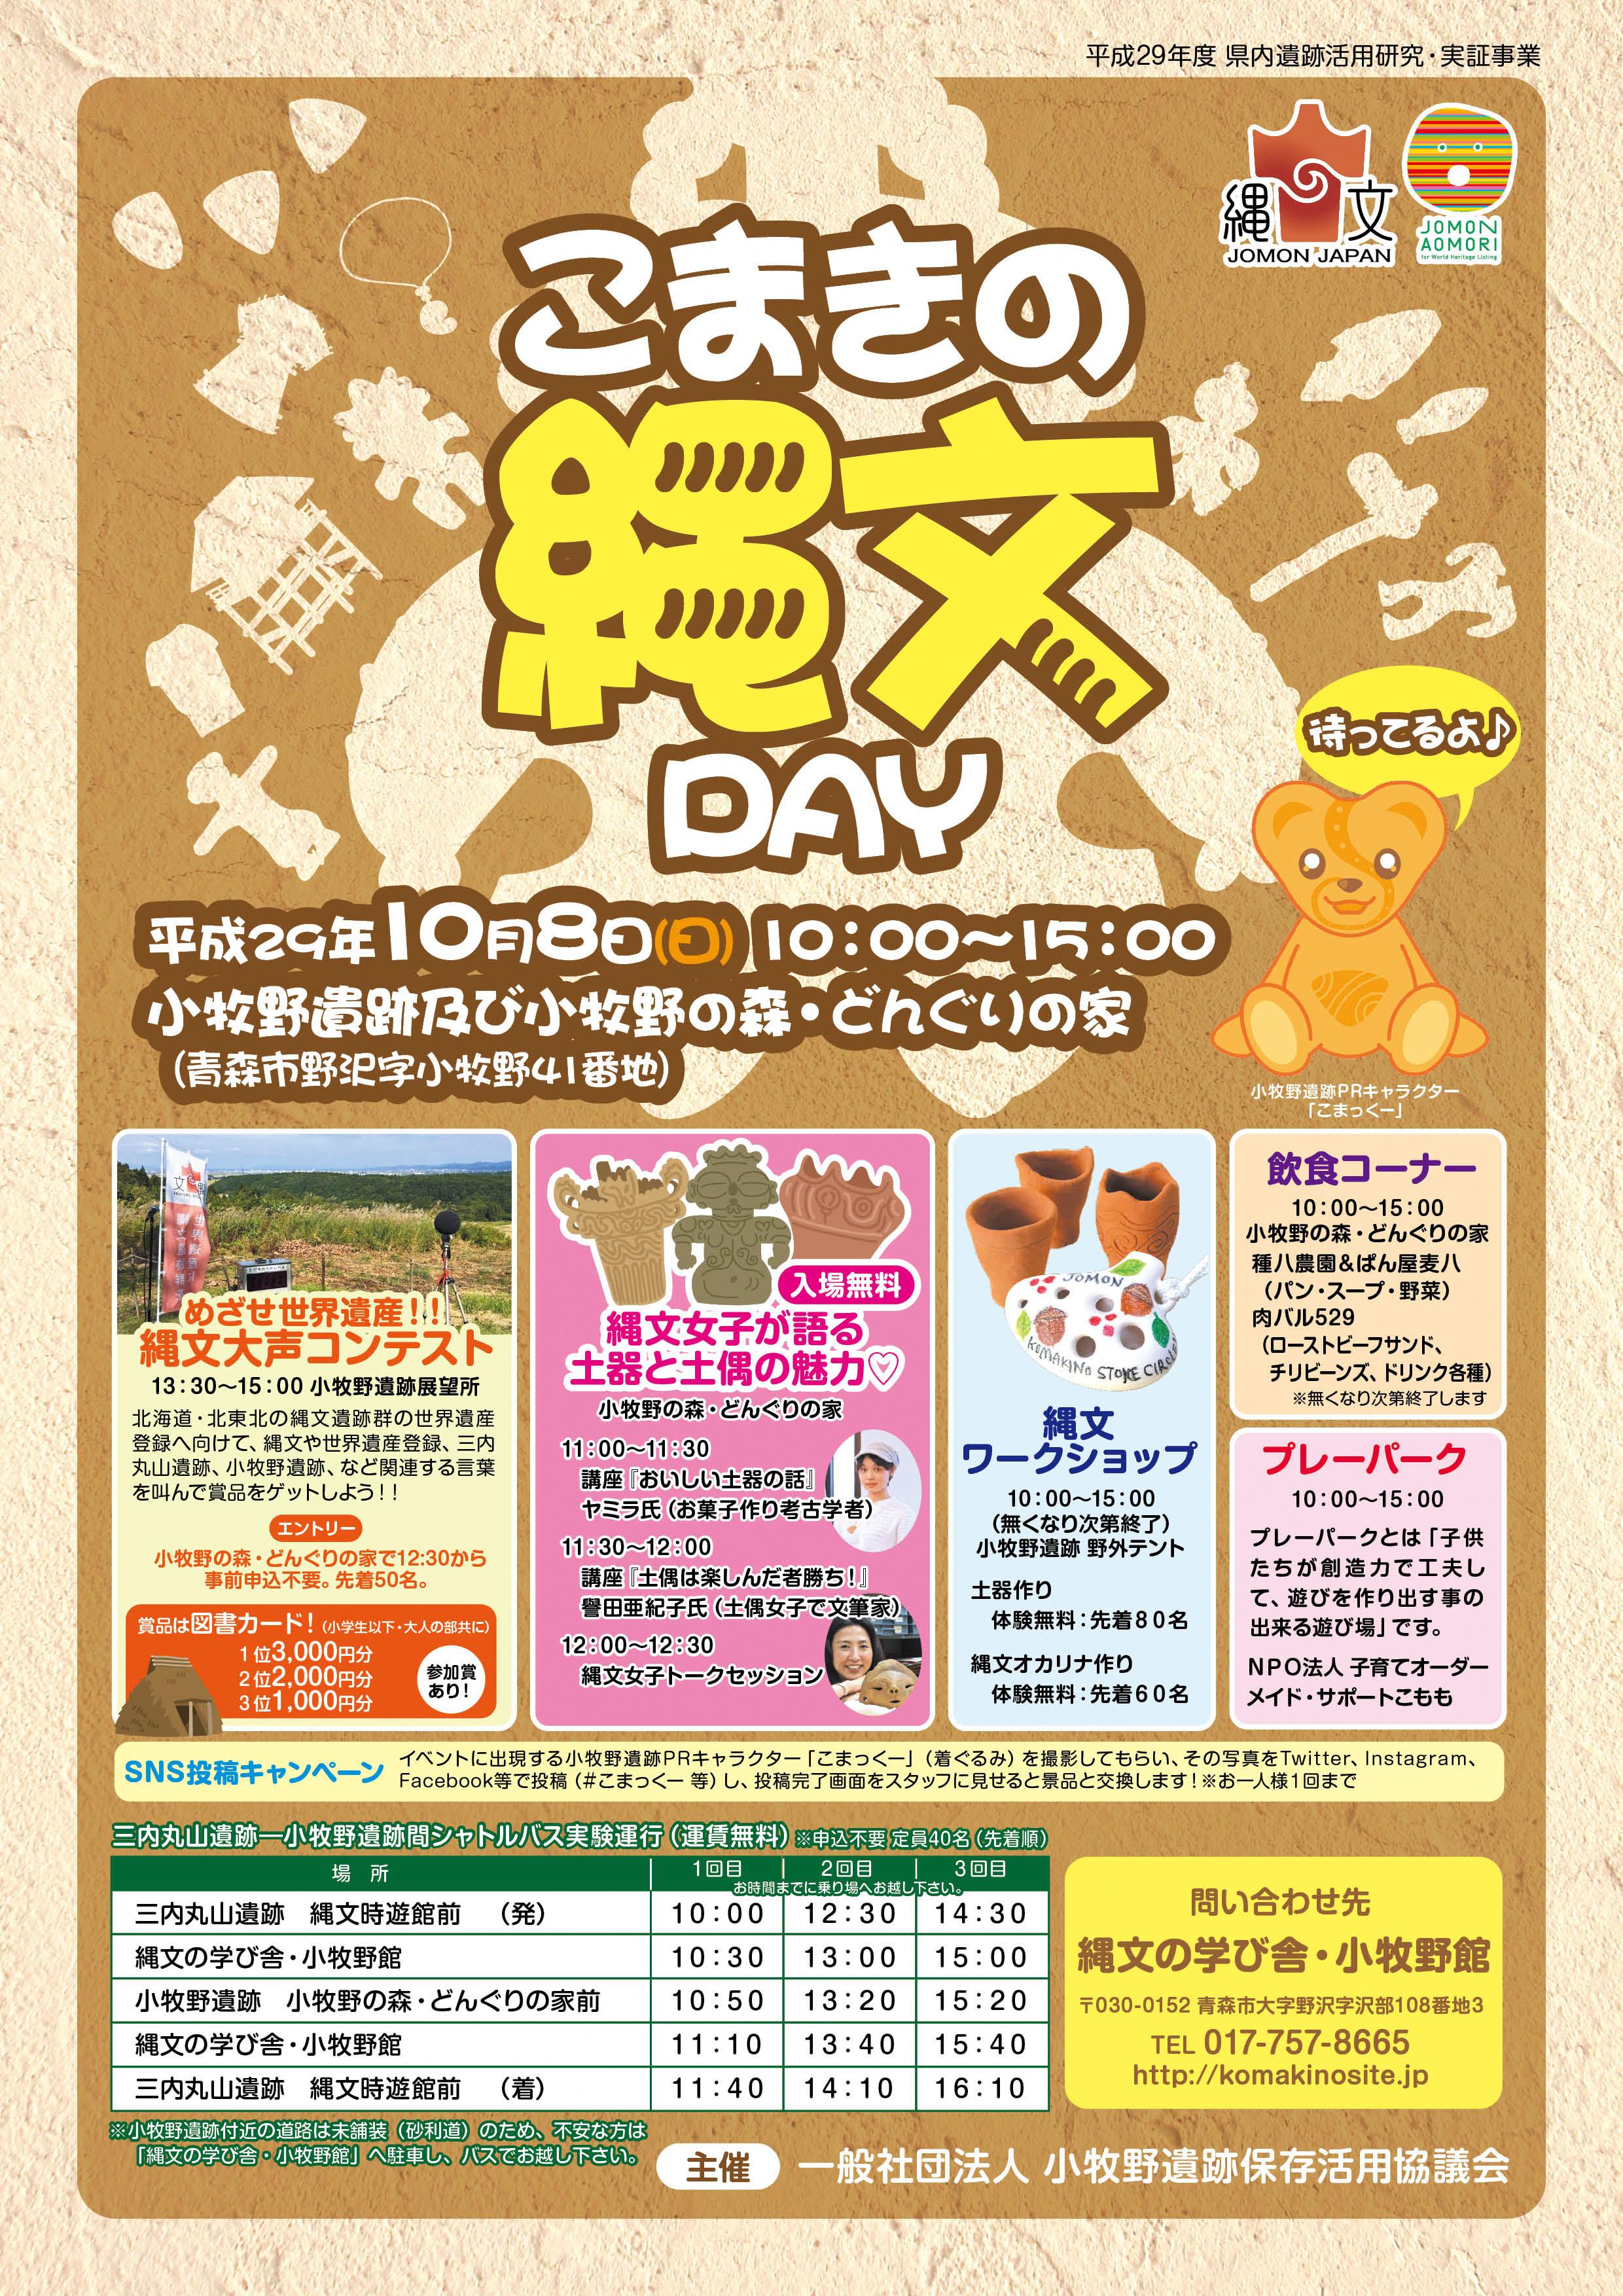 【青森市】こまきの縄文DAY